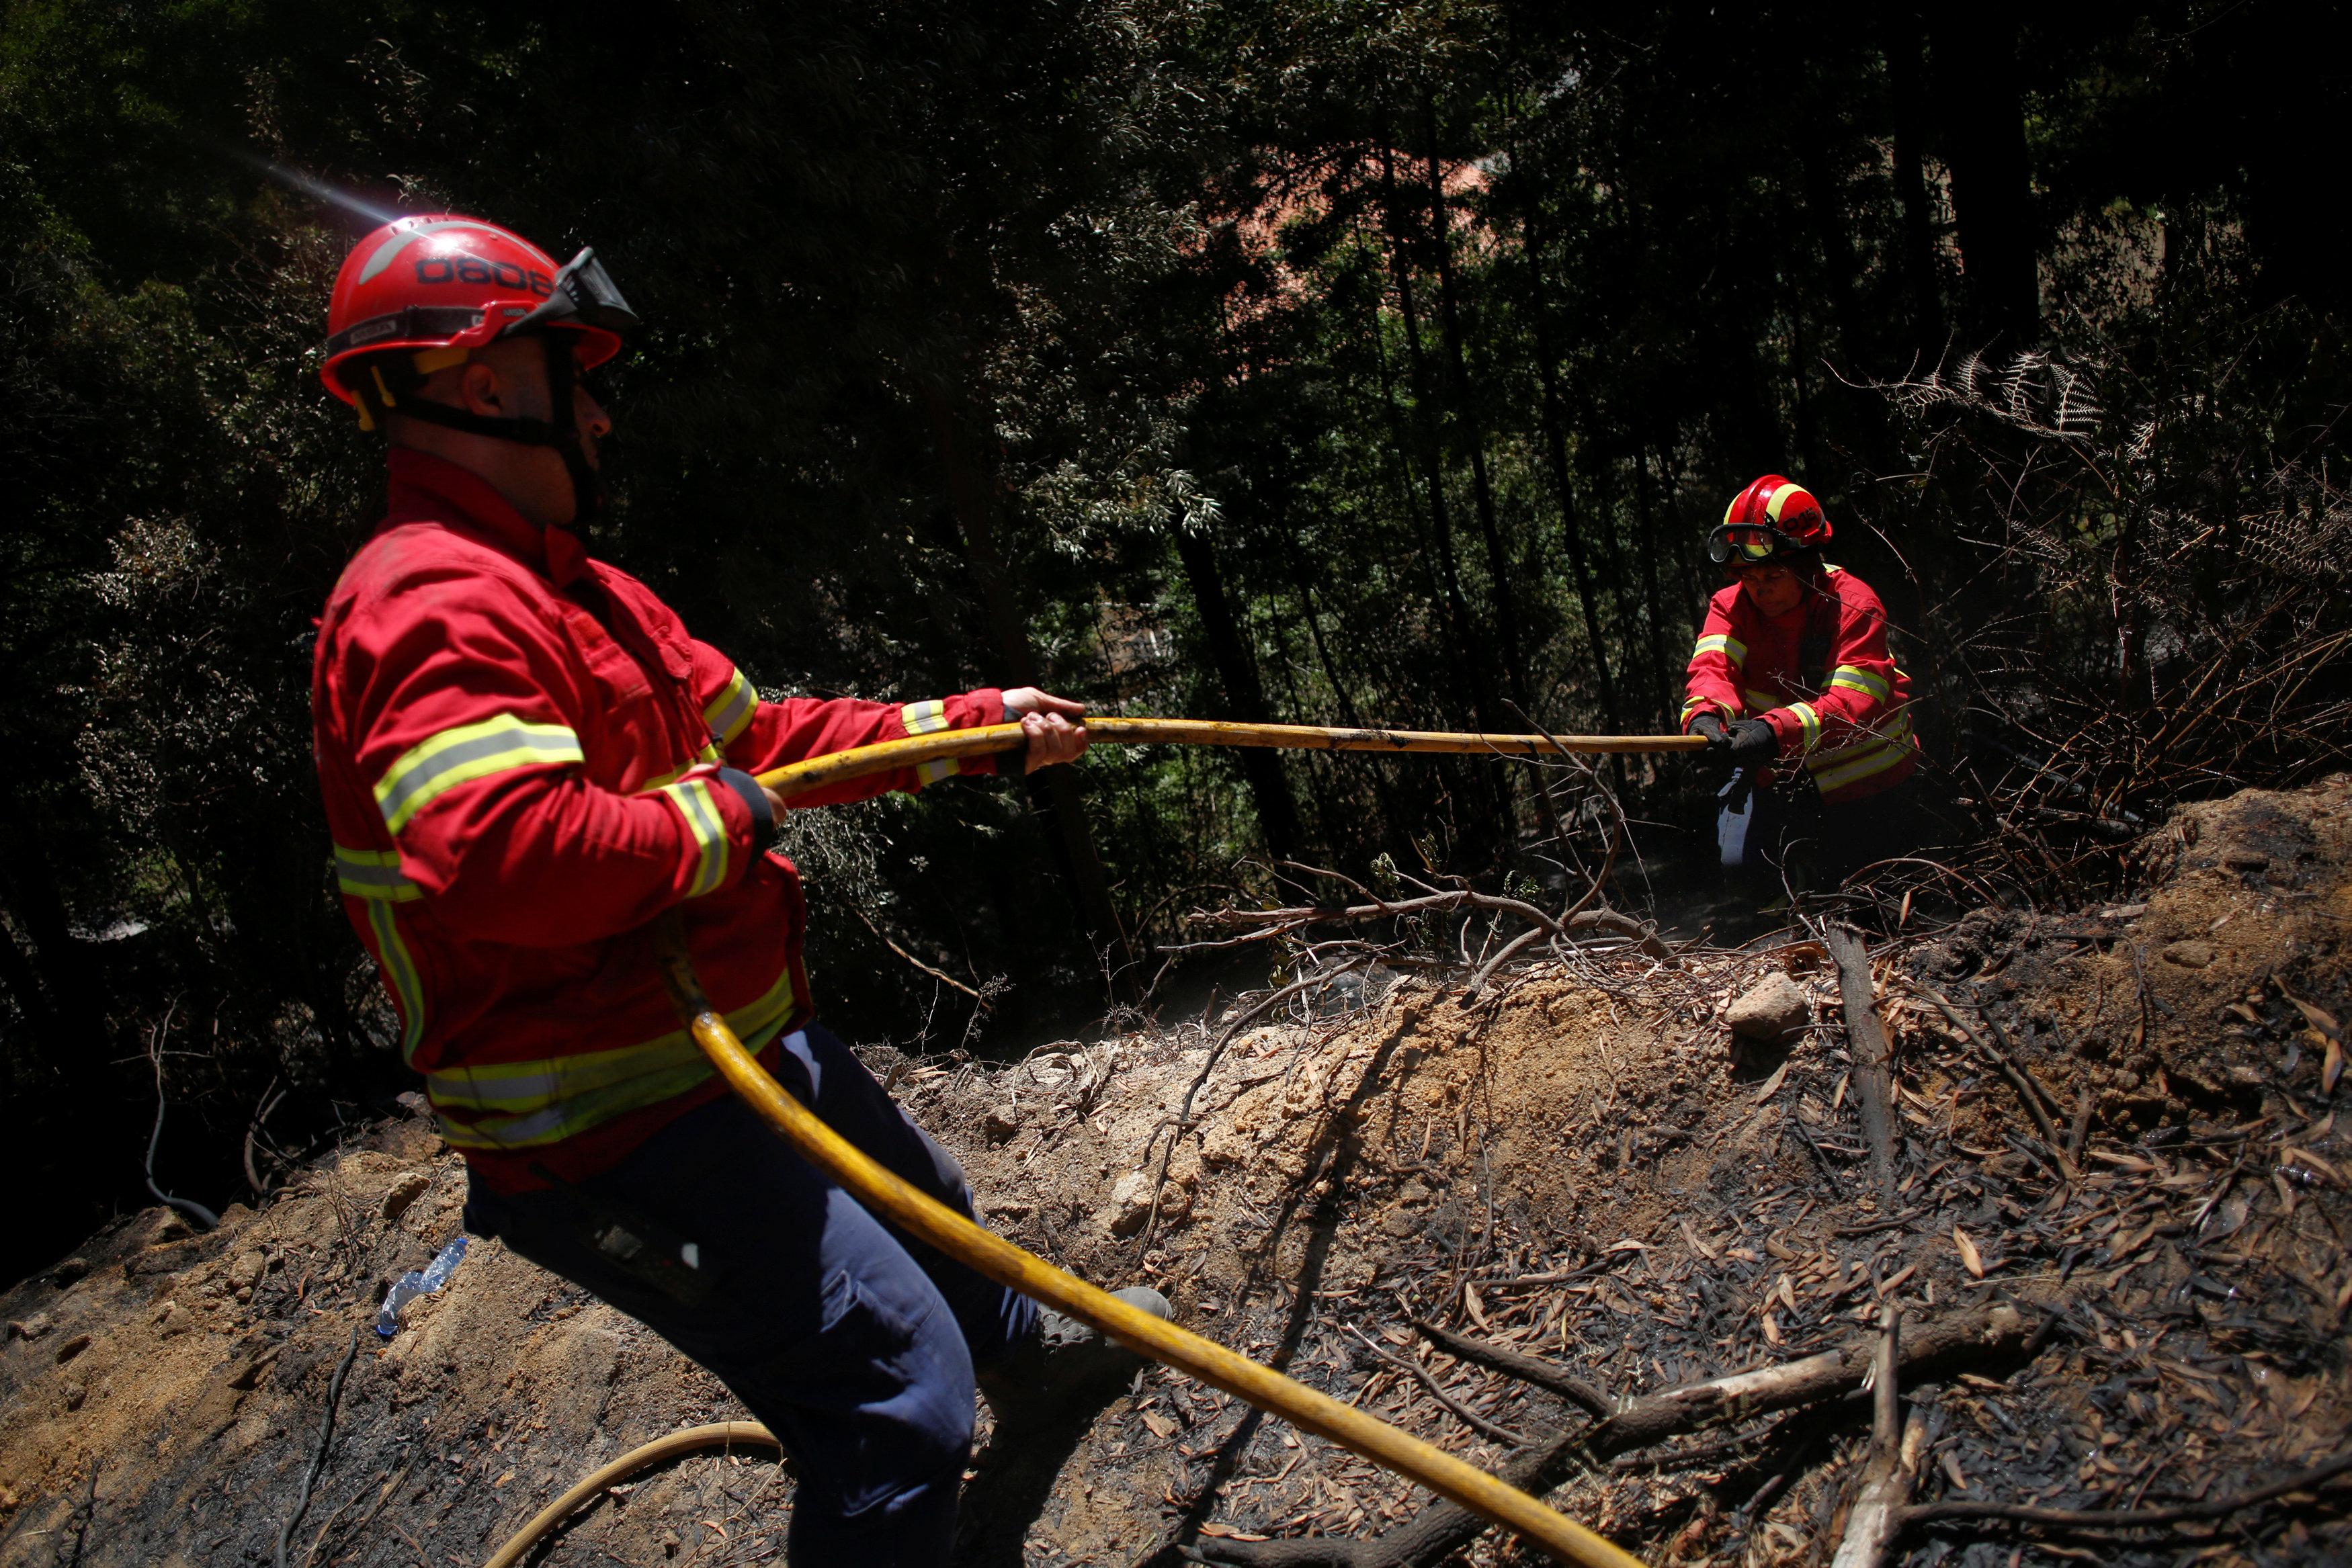 رجال الإطفاء يواصلون عمليات التبريد لعدم اشتعال الحريق مرة أخرى